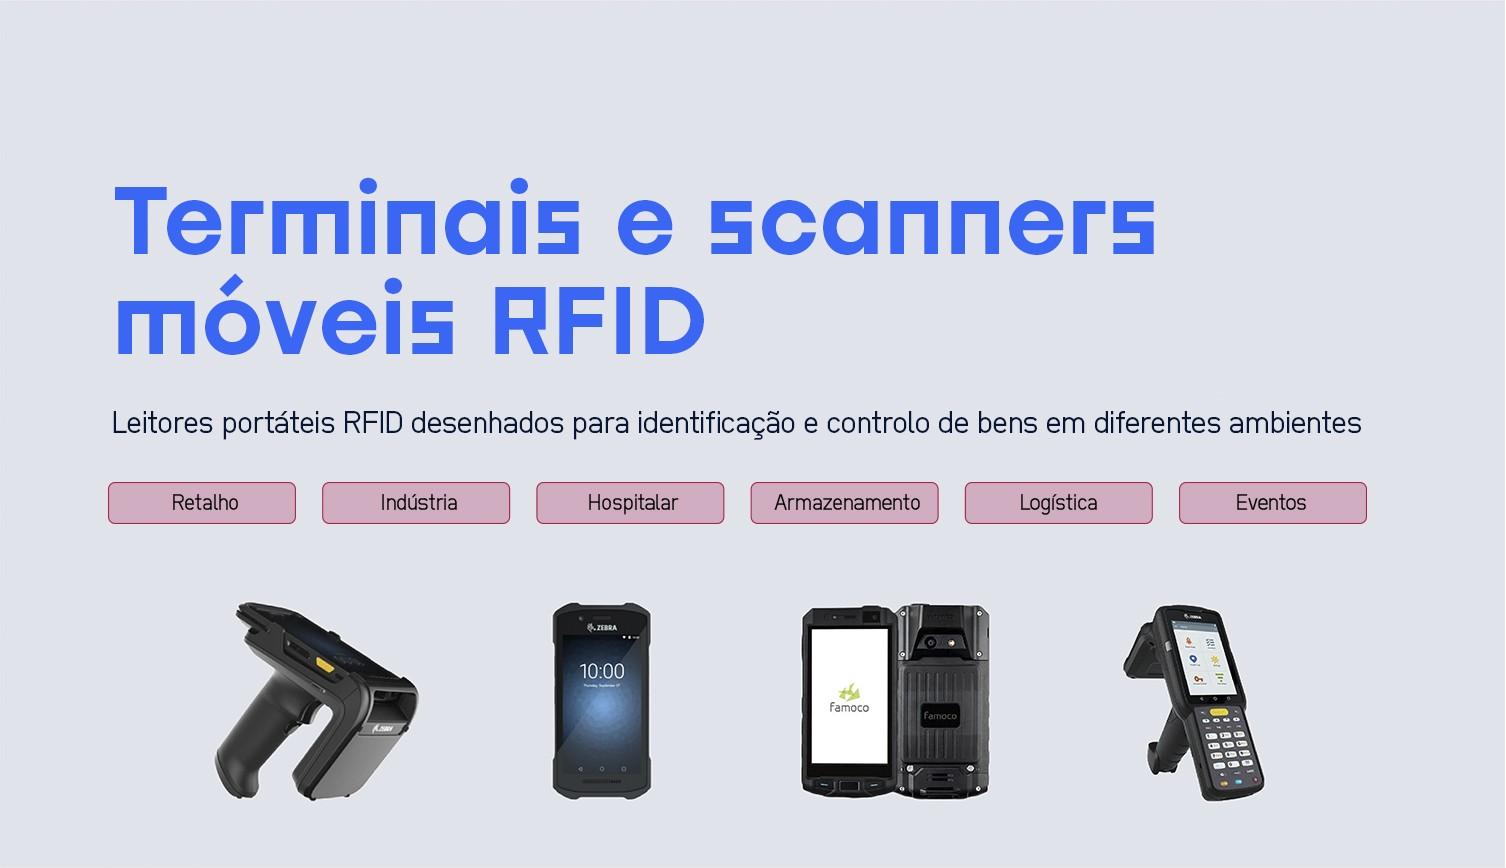 Terminais e scanners RFID